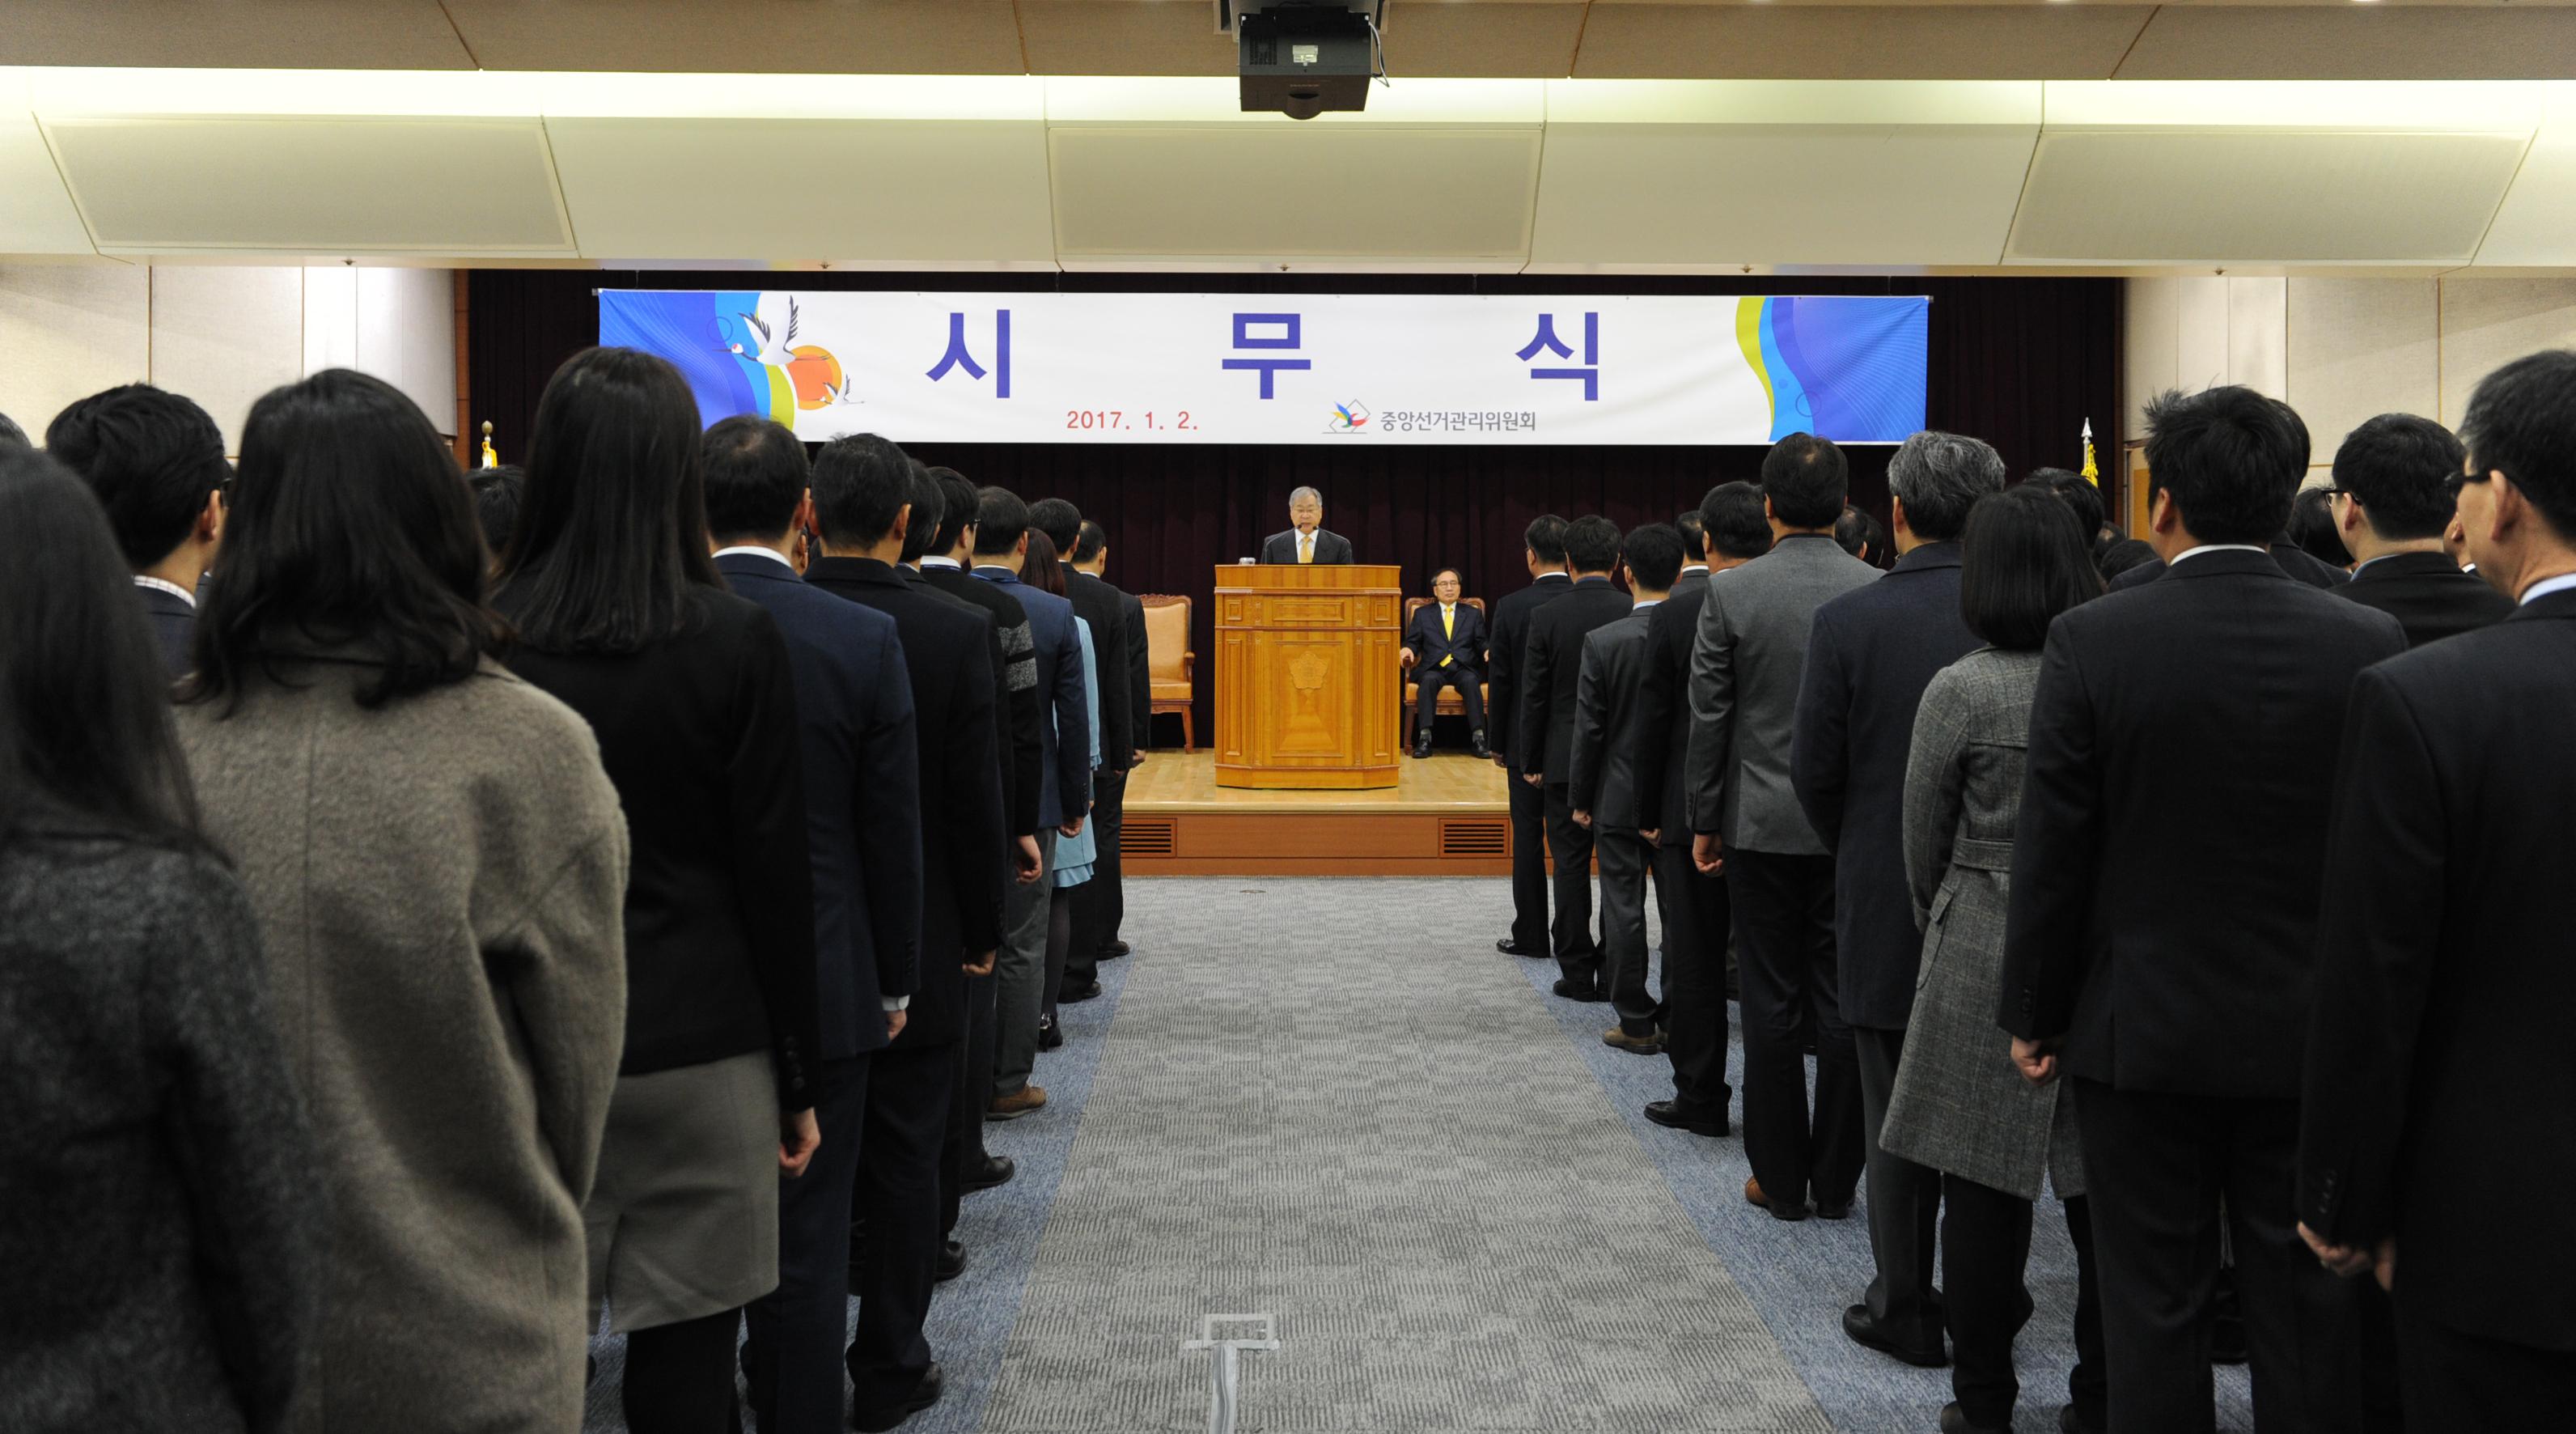 중앙선관위 2016년도 시무식 개최 관련이미지2